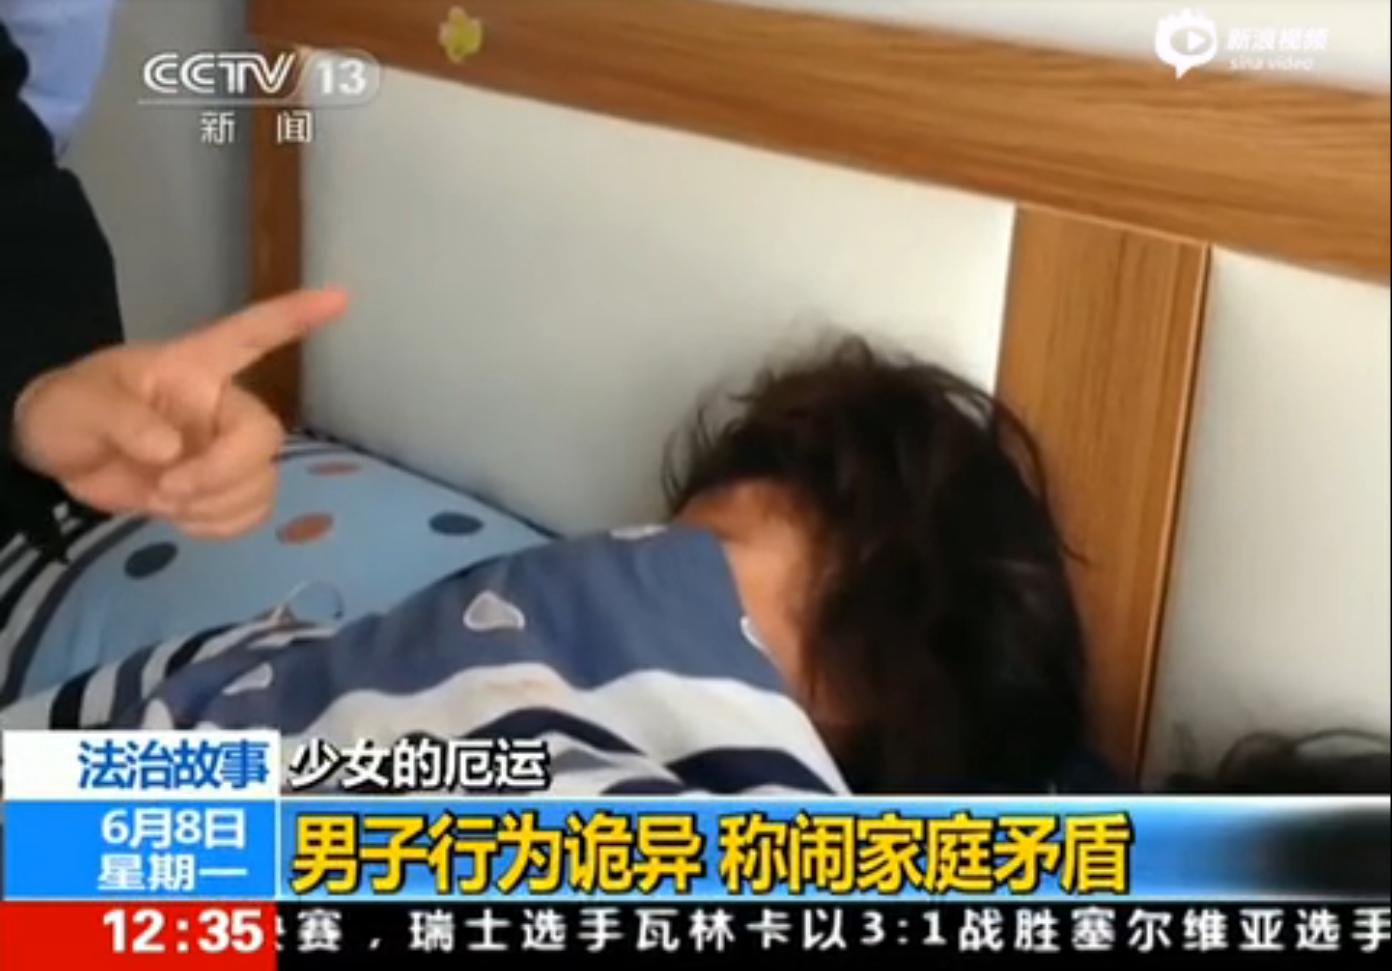 视频:2少女网上结识毒贩 遭软禁出租屋性侵毁容